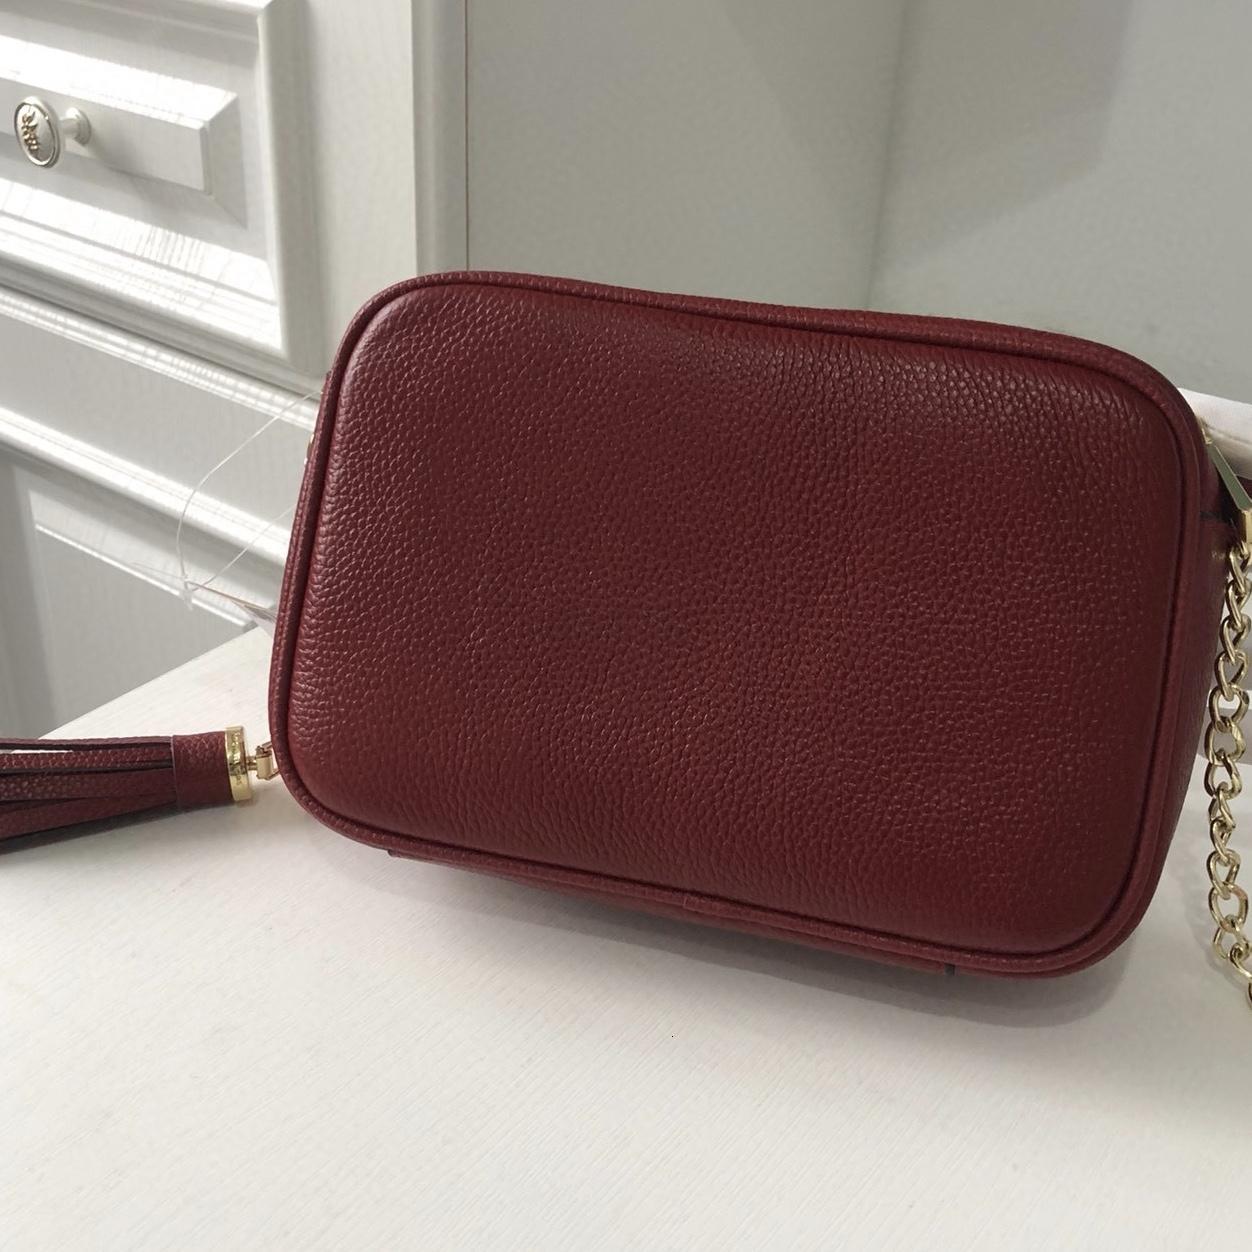 Pelle Messenger Bag Donne Borse vendita calda Multi-Function forma di cuore di amore di paillettes piccola borsa a tracolla borsa # 122